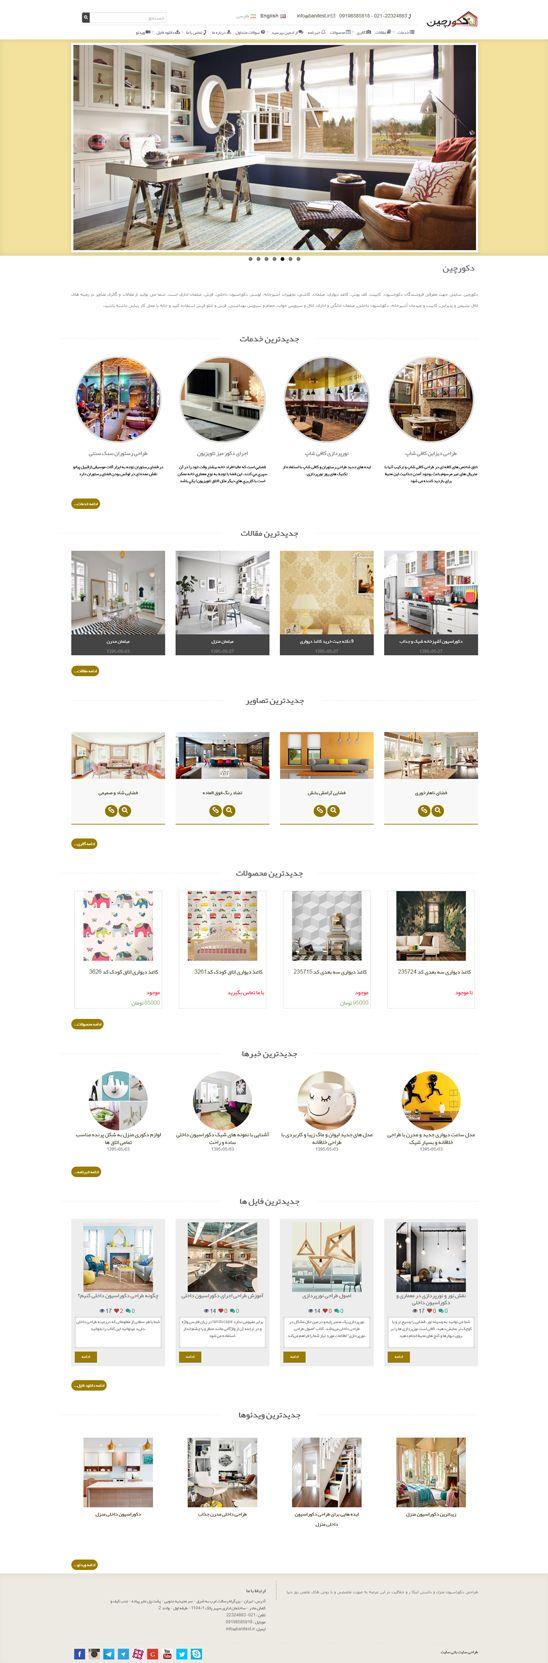 طراحی سایت دکوراسیون دکورچین